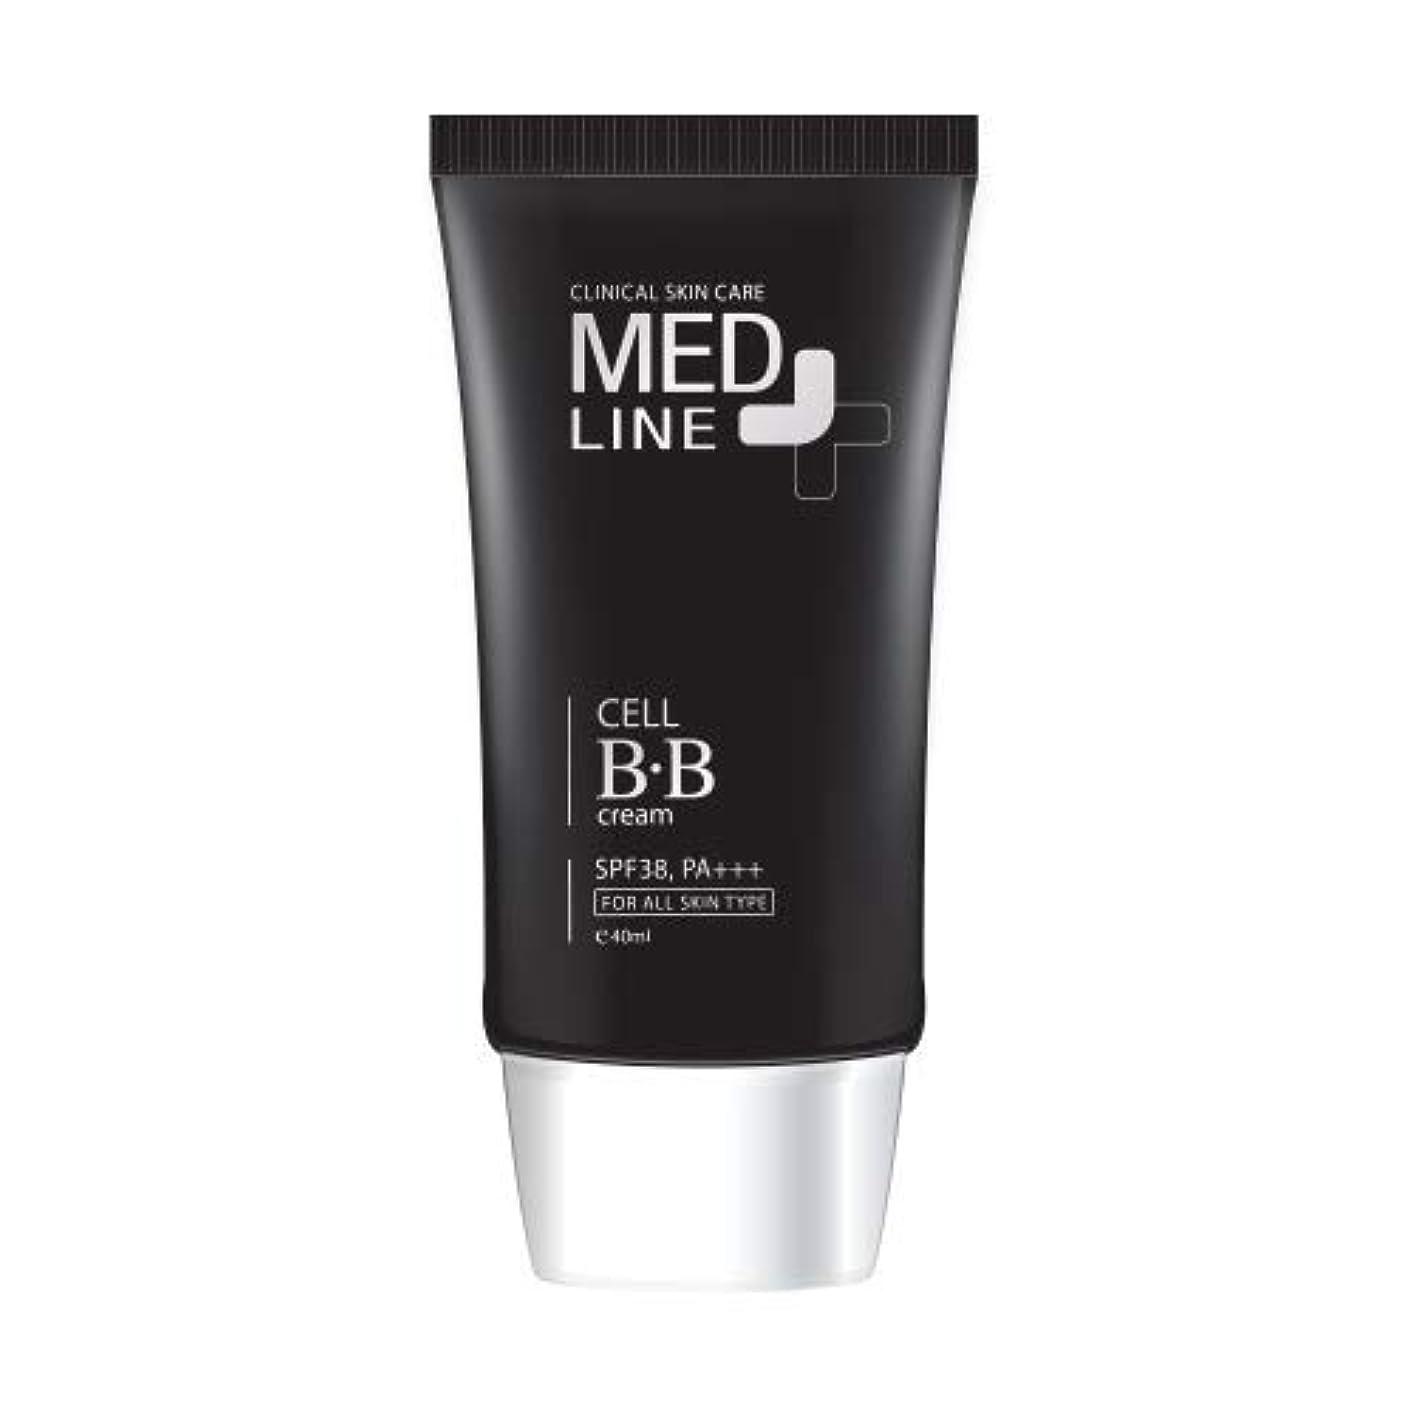 ビリー建設しなやかメドライン(Med Line) セルBBクリーム(Cell B.B Cream)